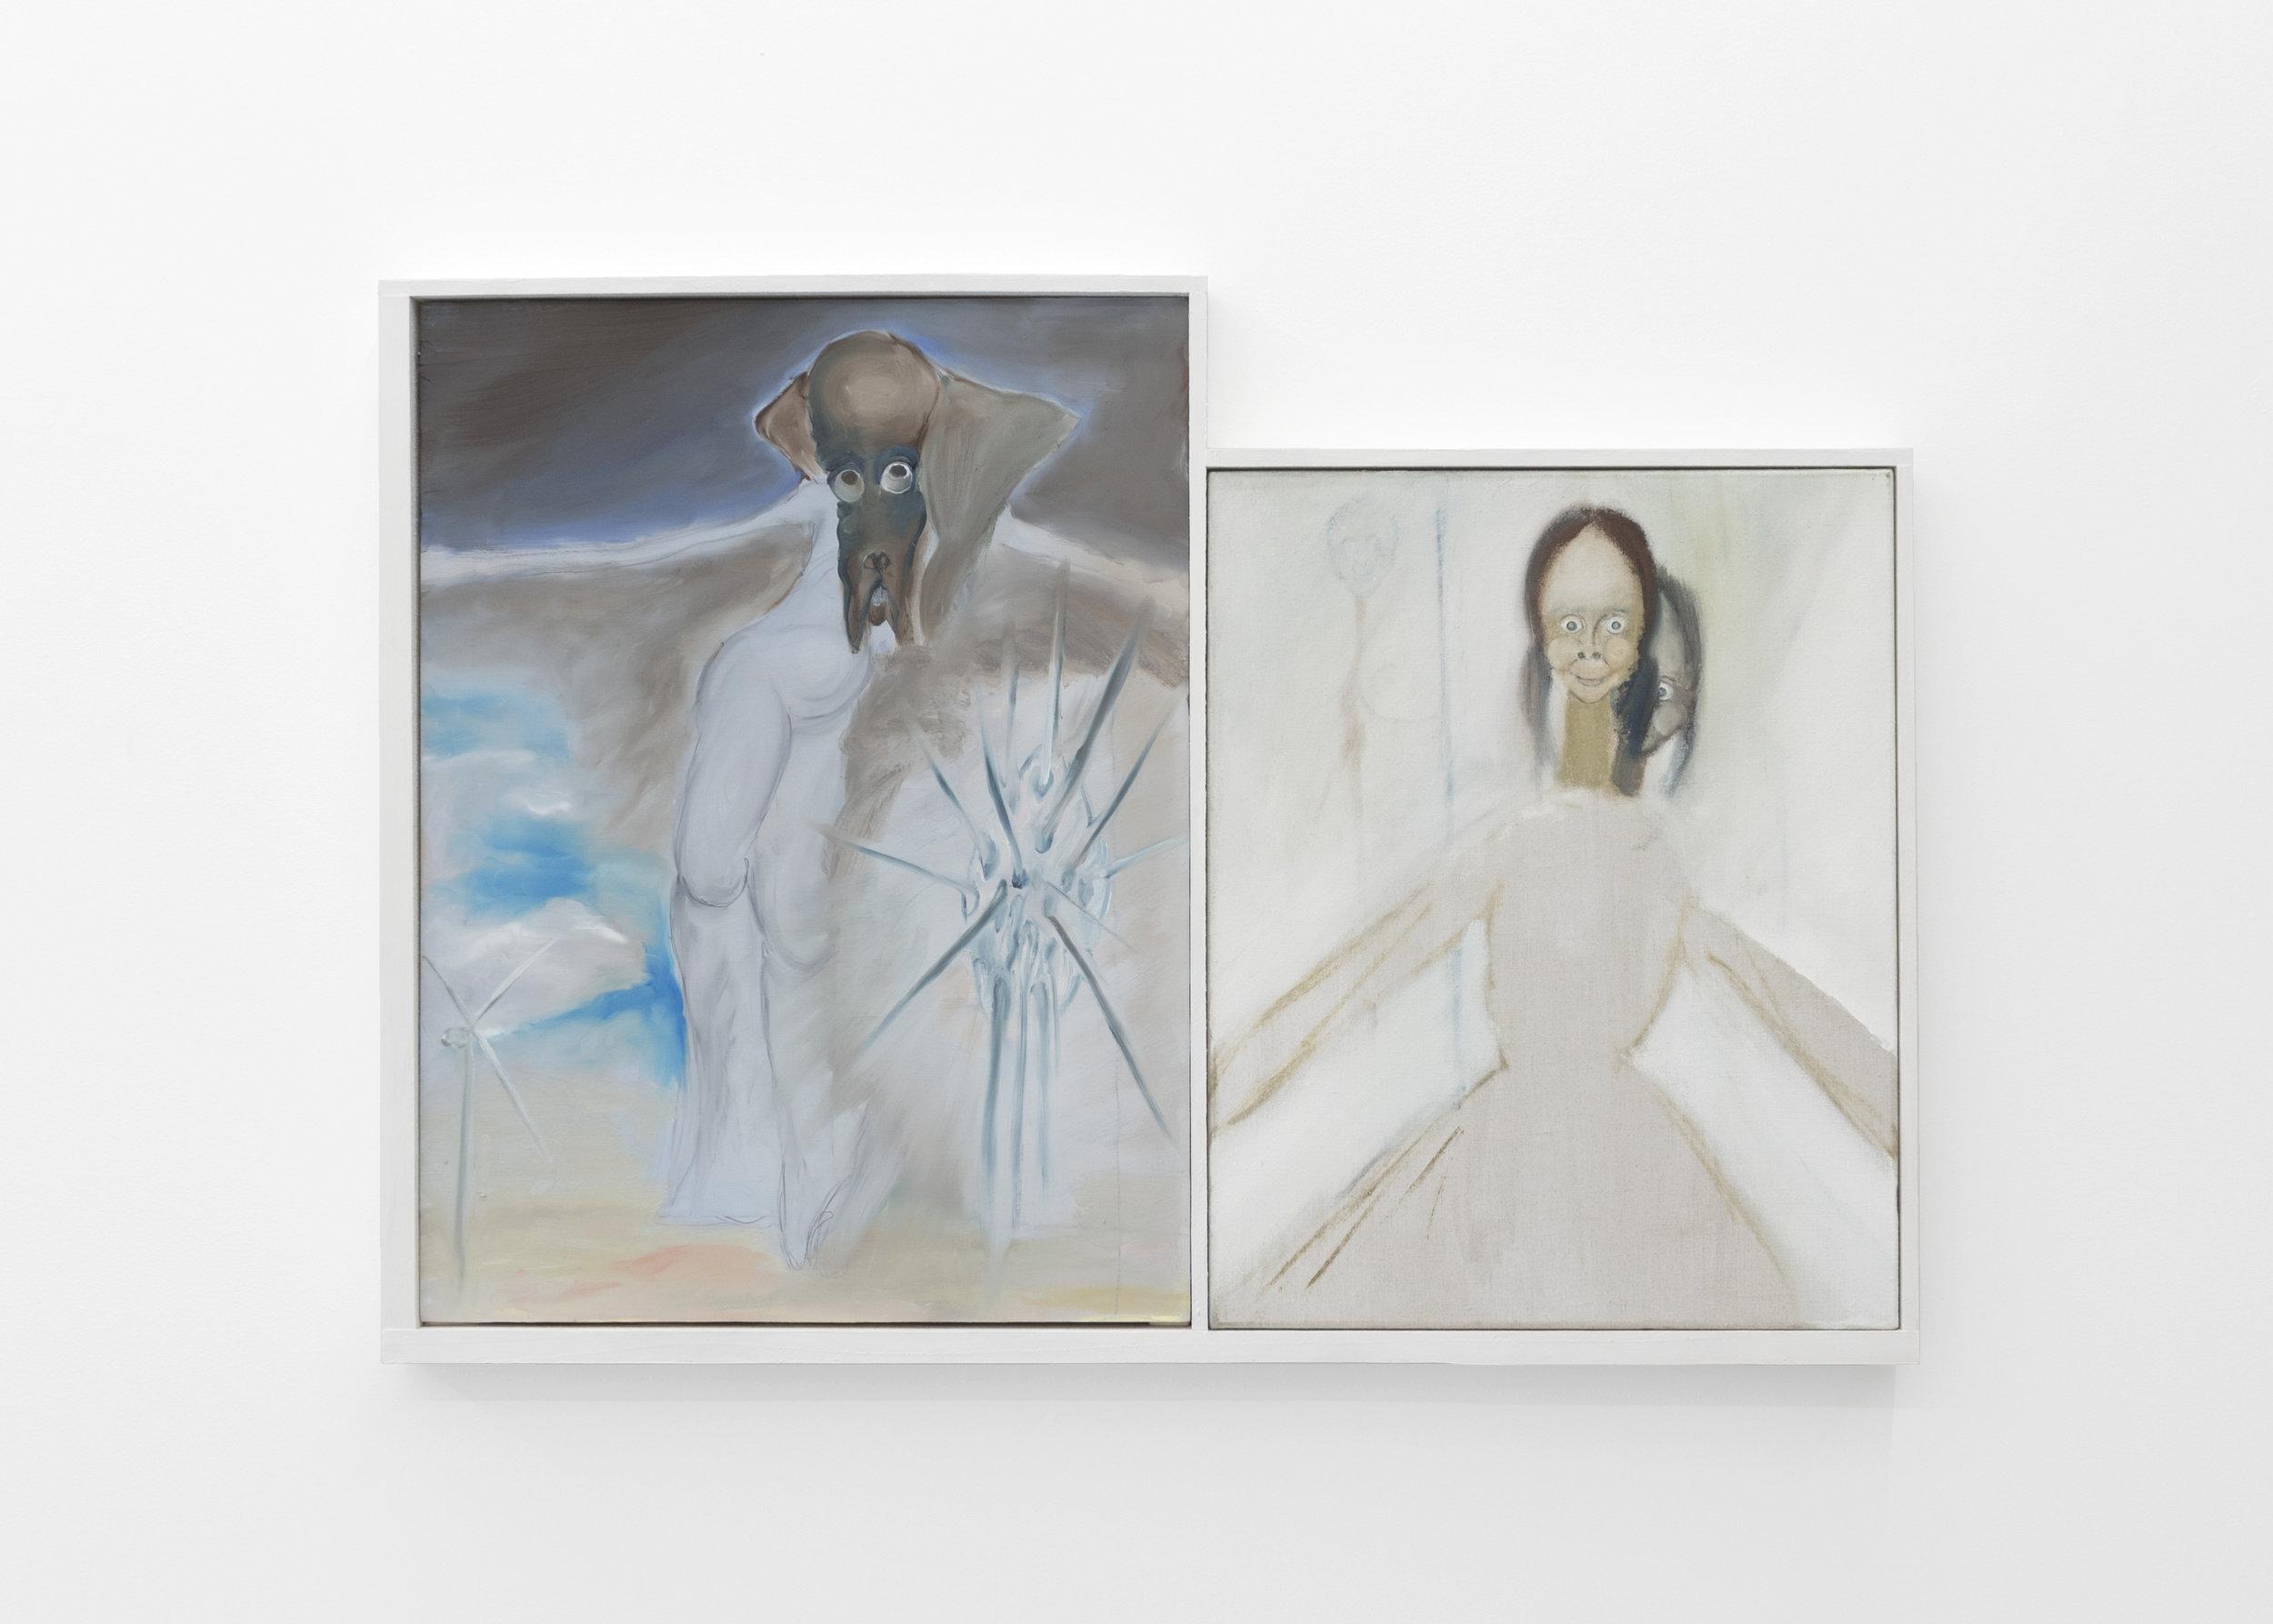 Kira Scerbin,  Destroyer,  2019. Oil on linen, oil on panel, artist frame